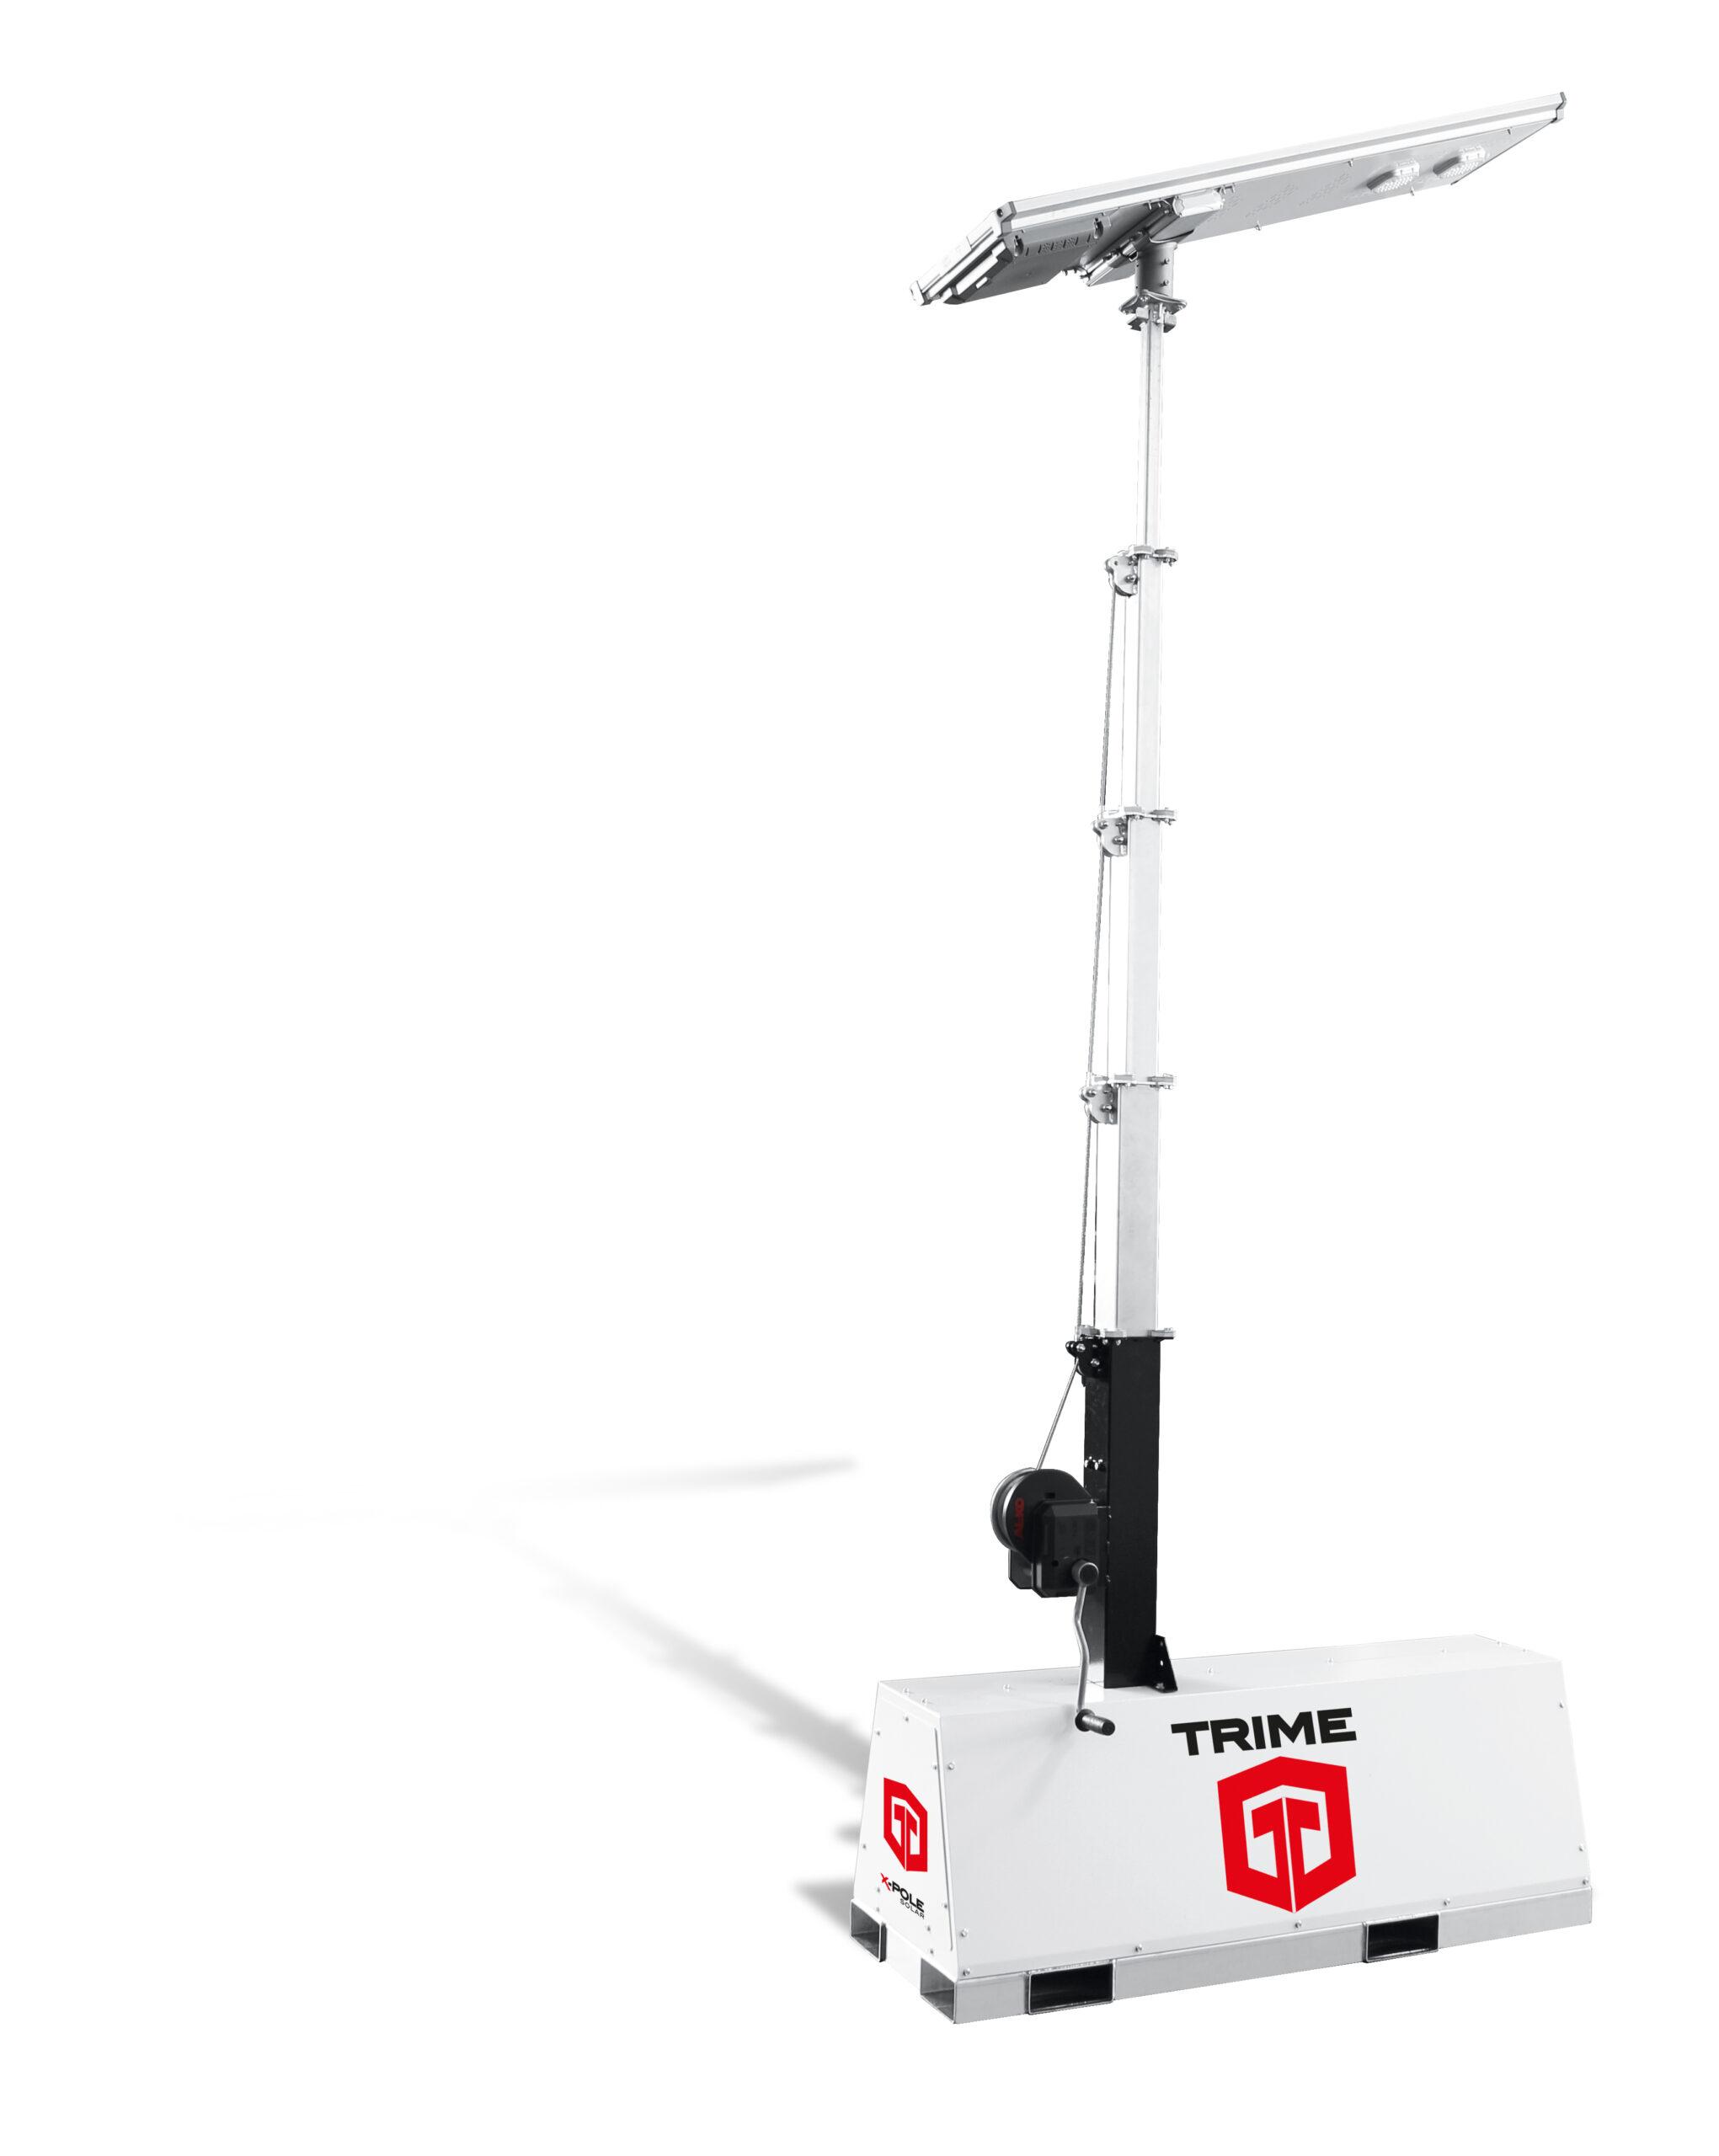 X-Pole Solar parkeerplaatsverlichting-mobiele-lichtmast-fietspaden